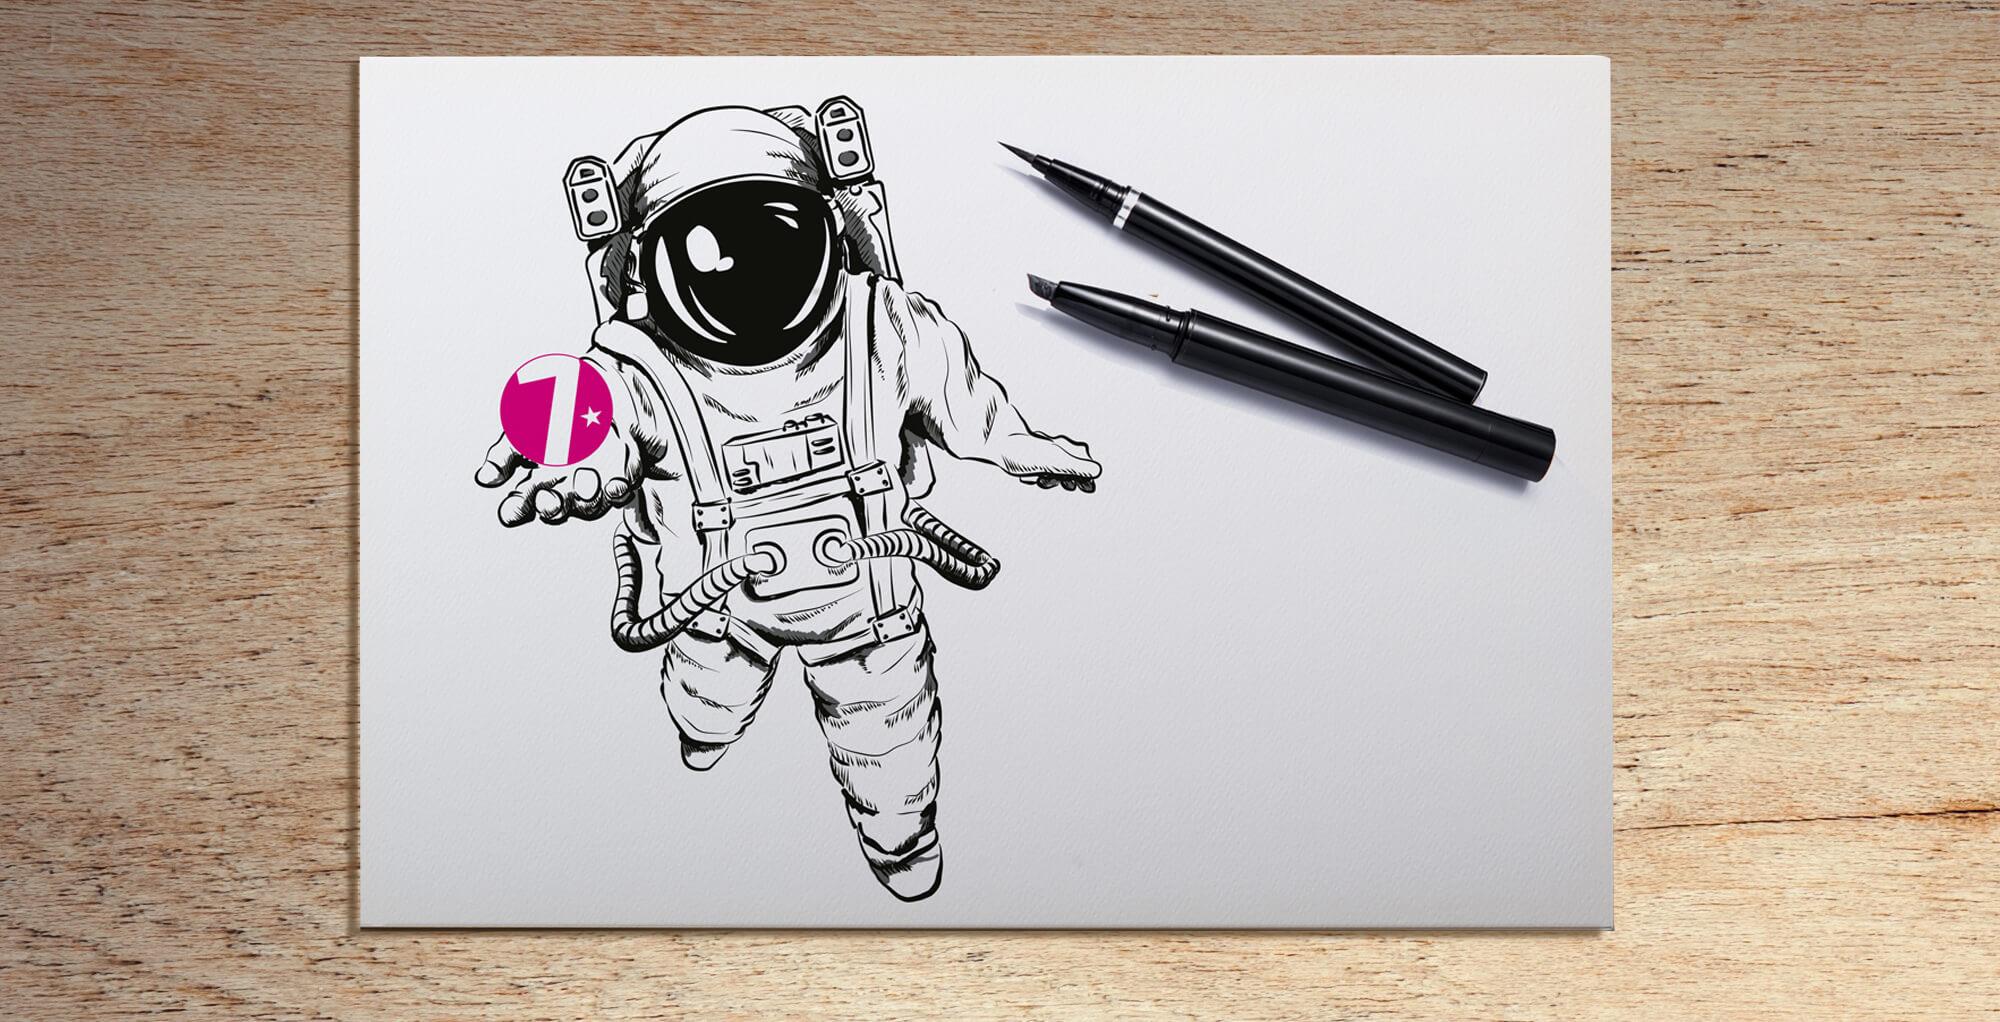 Gestaltungsbeispiel für den Bereich Illustratives Design / Illustration eines Astronauten